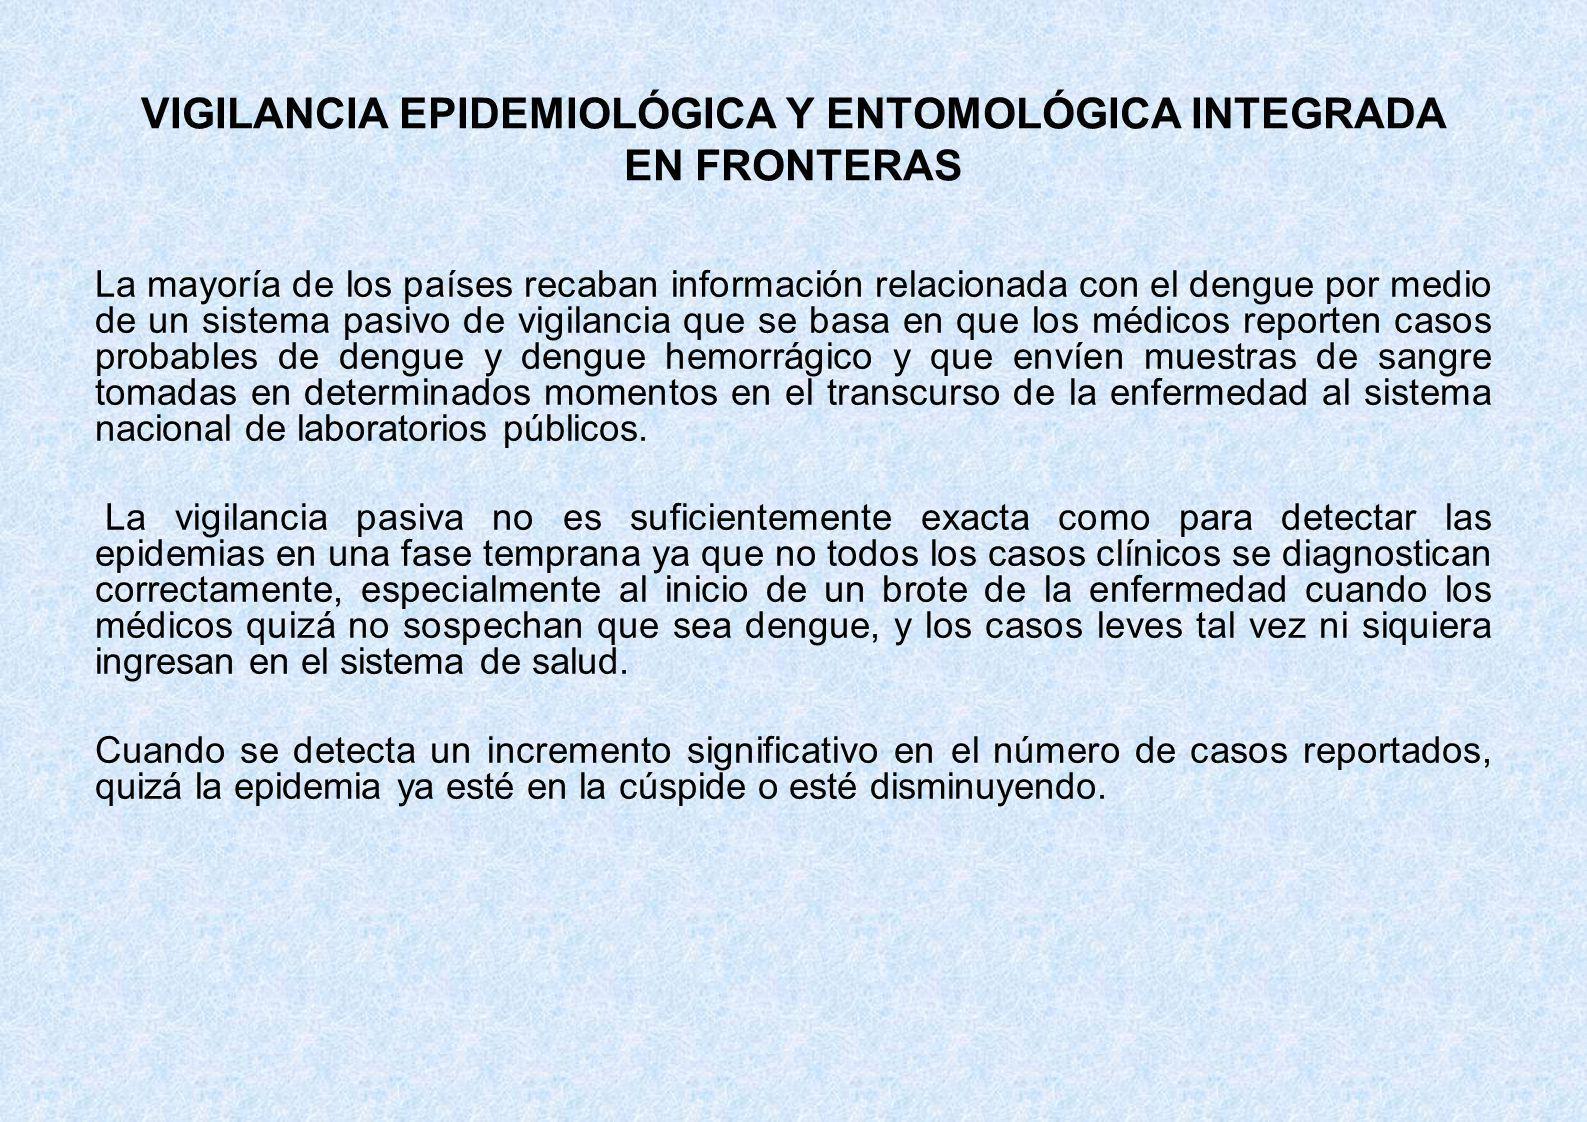 VIGILANCIA EPIDEMIOLÓGICA Y ENTOMOLÓGICA INTEGRADA EN FRONTERAS La mayoría de los países recaban información relacionada con el dengue por medio de un